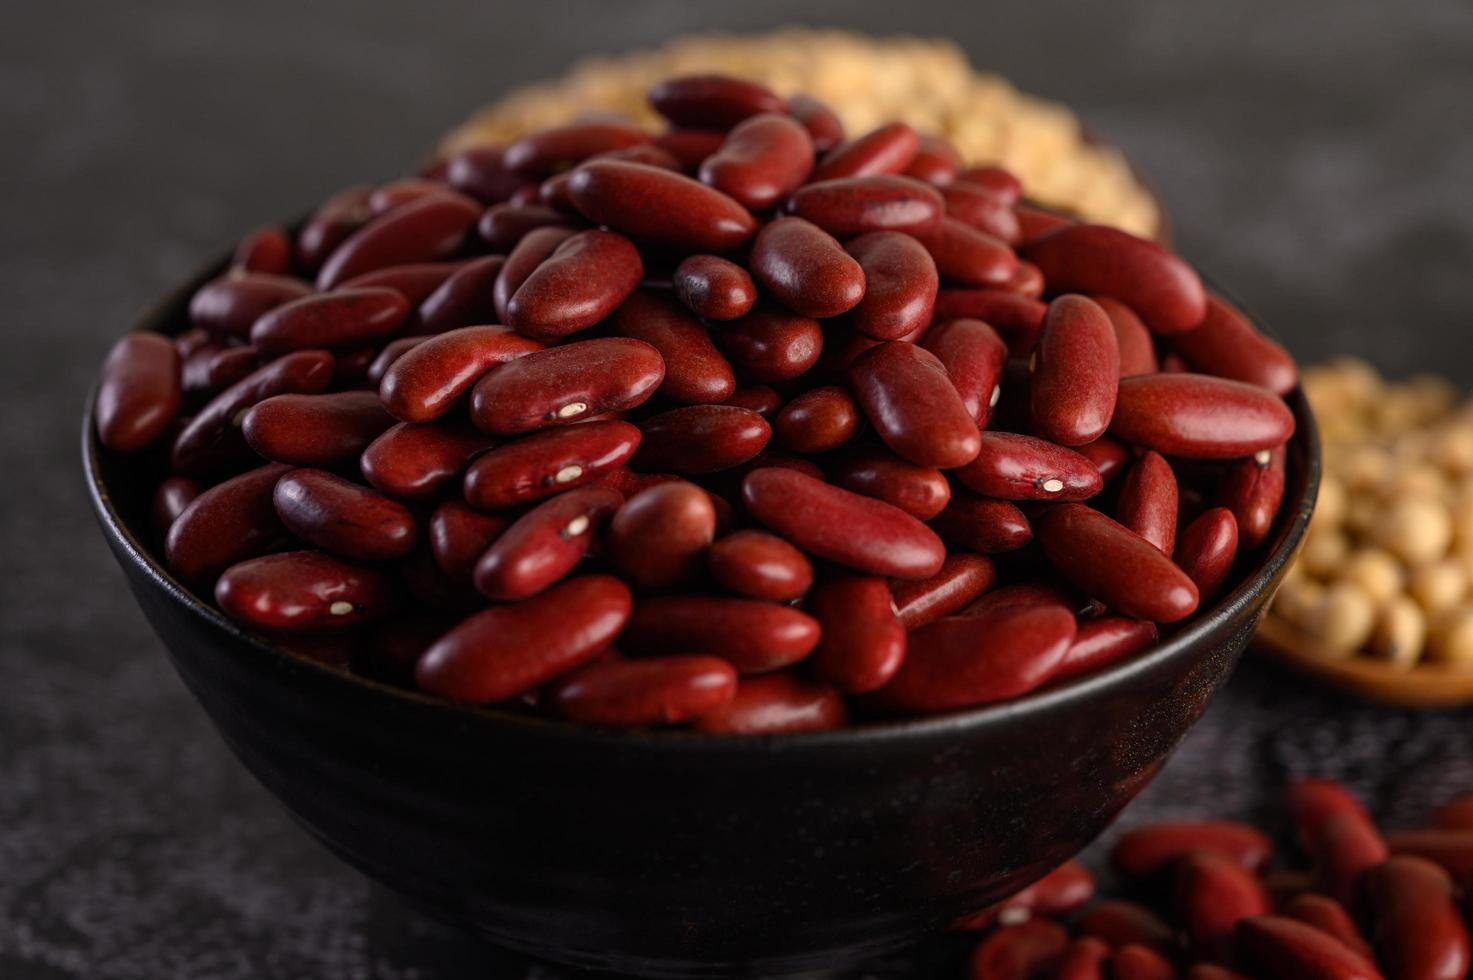 röda bönor i en träskål och brun sked foto